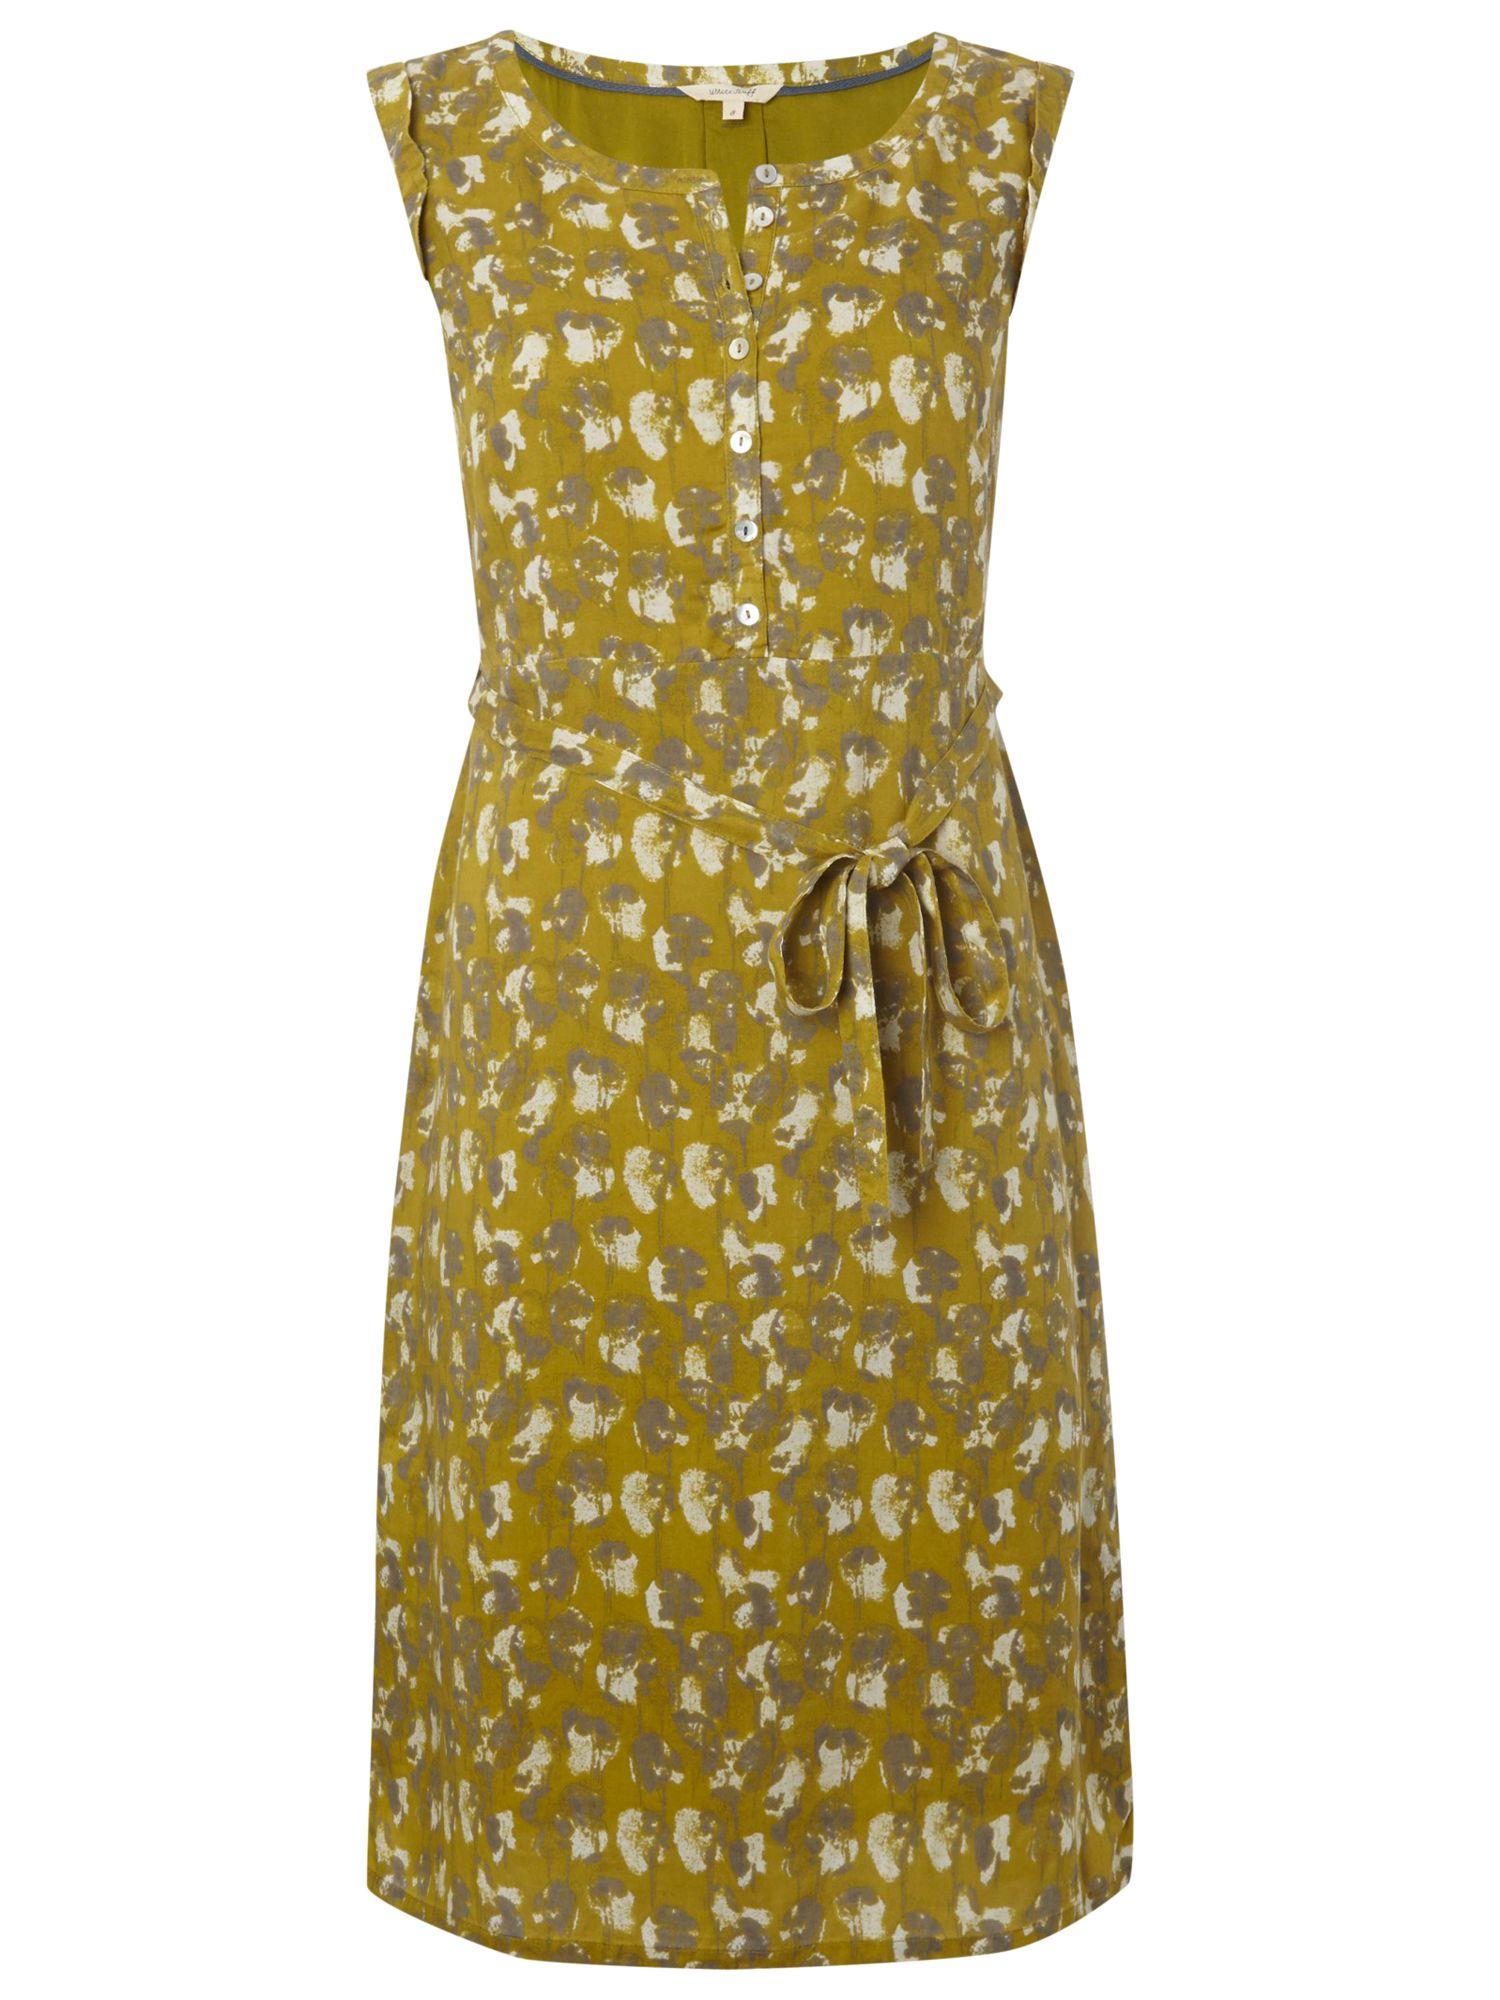 white stuff spero dress pineapple, white, stuff, spero, dress, pineapple, white stuff, 16|12|14|10|18|8, women, womens dresses, brands l-z, 1921193